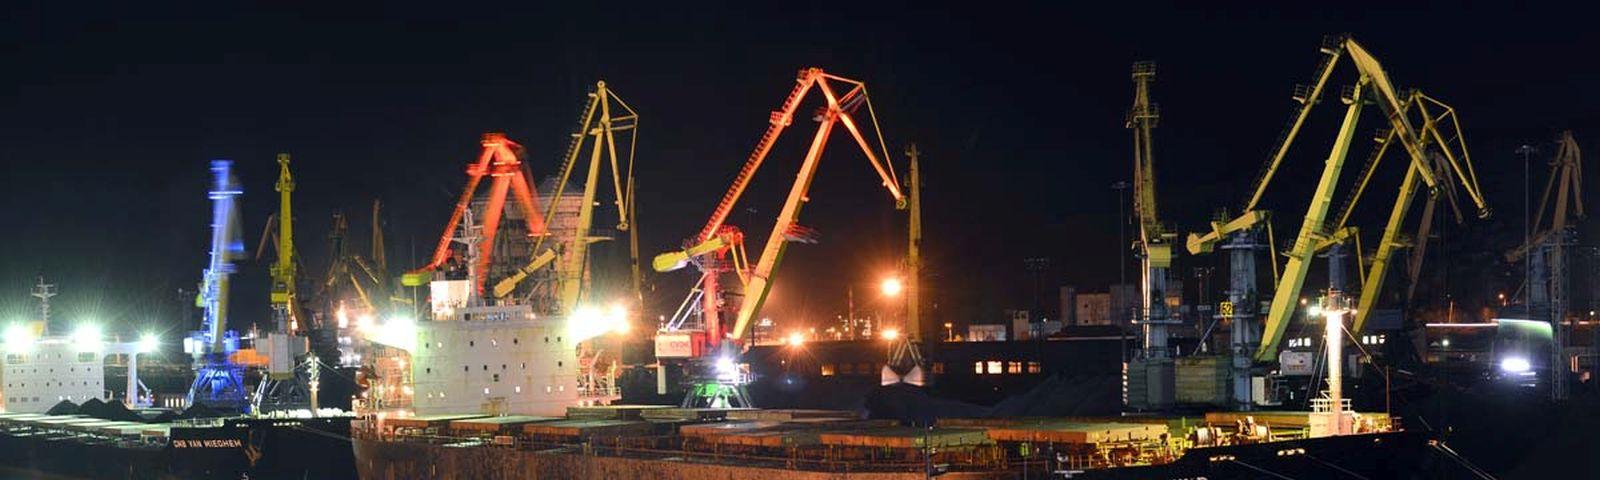 Bunte dekorative Beleuchtung für Hafenkrane